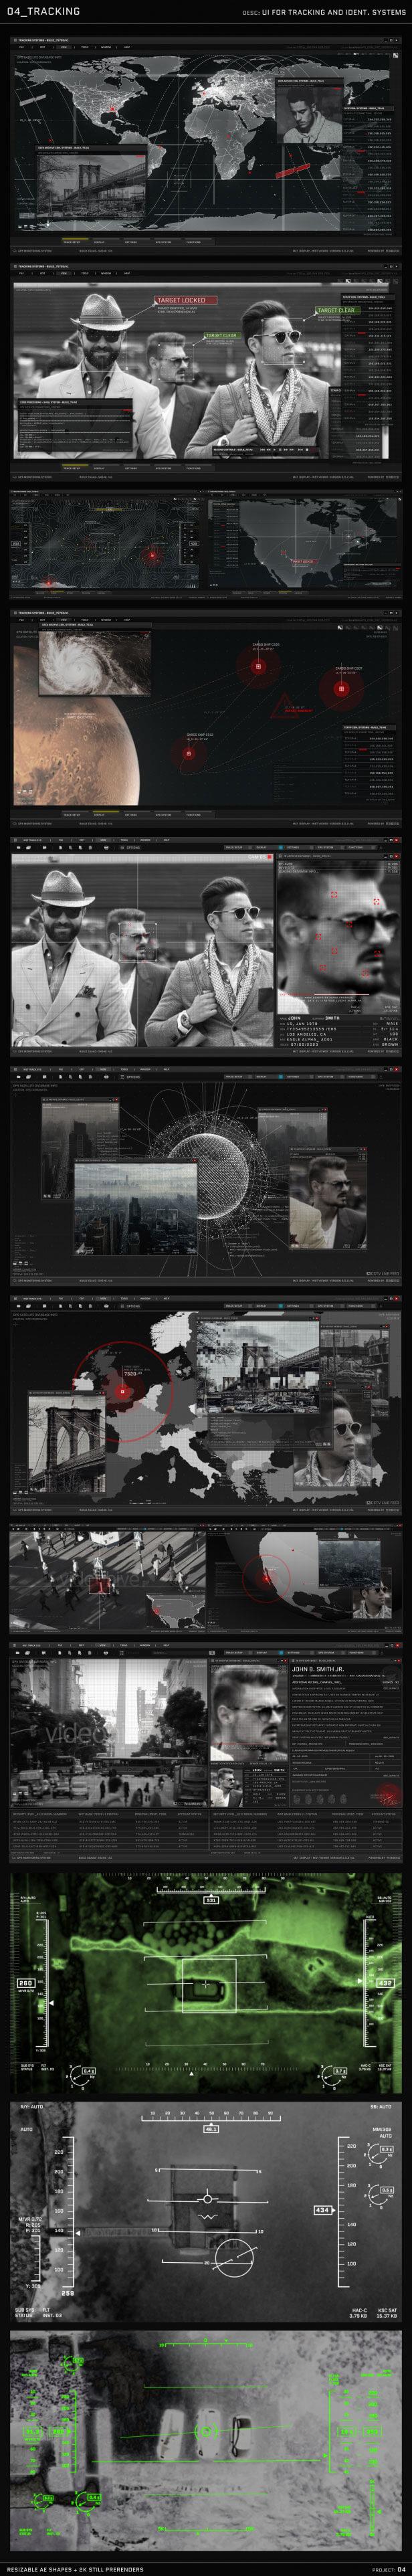 AE模板 HUD动画图形包电影电视游戏UI图形设计元素 | MAC影视后期资源站